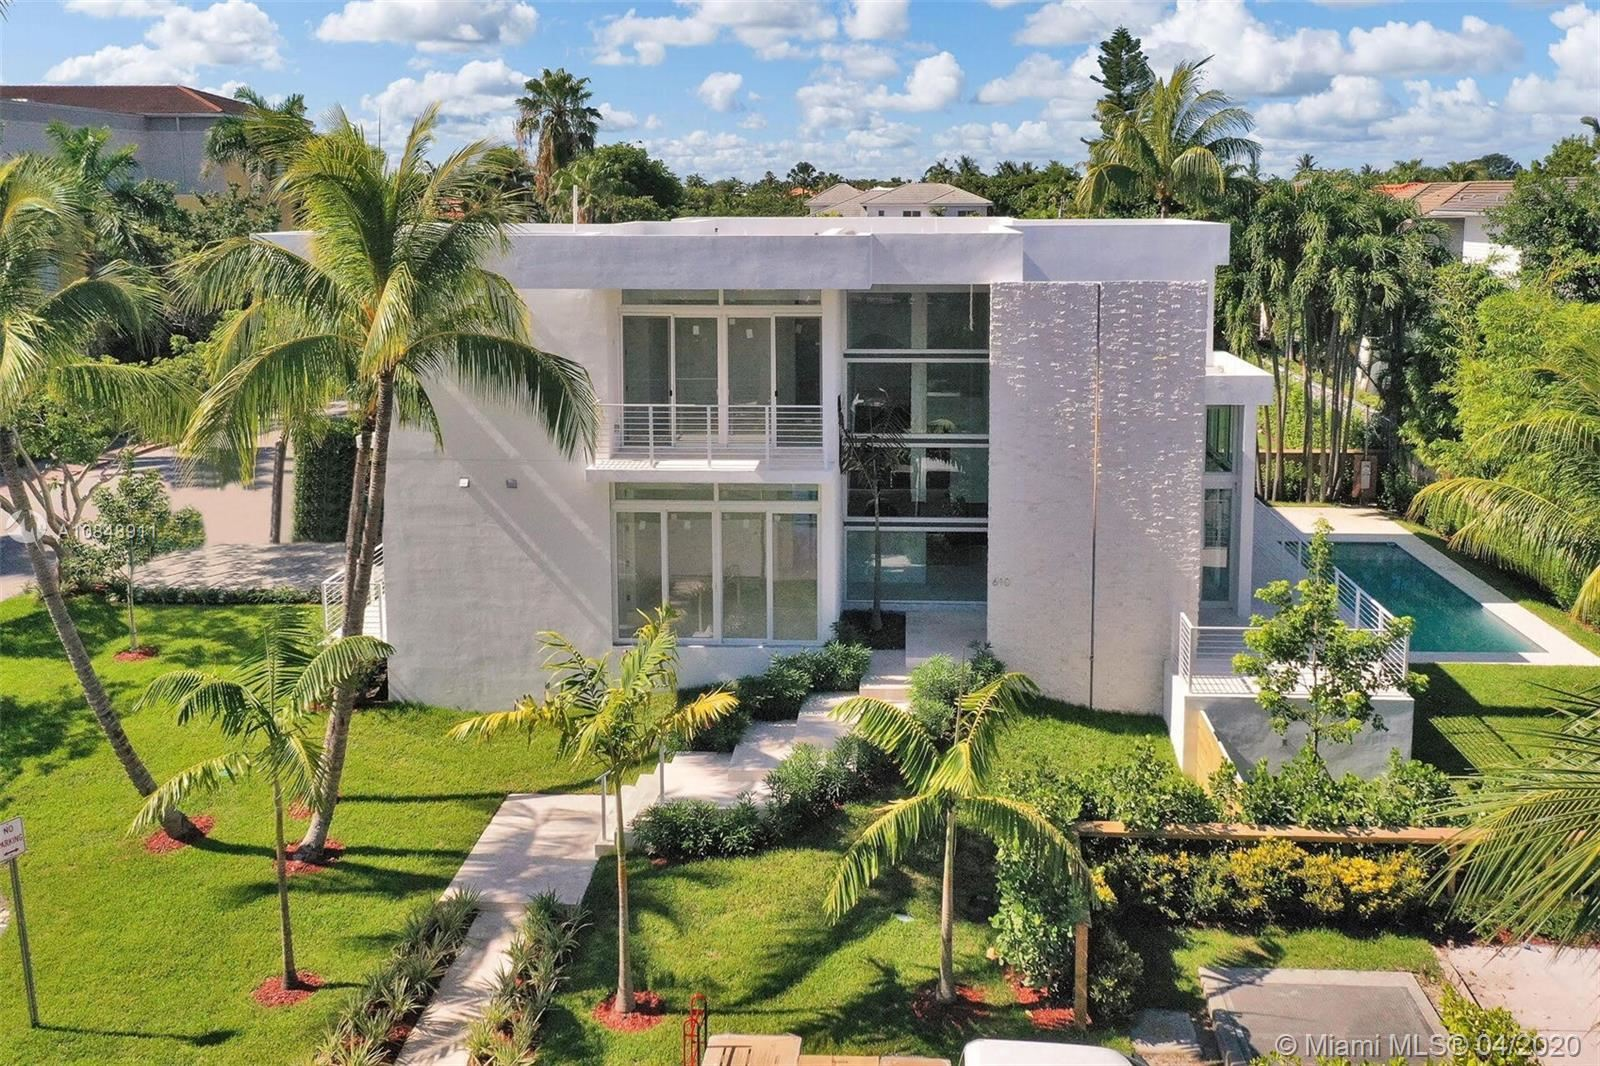 610 Ridgewood Rd, Key Biscayne, FL 33149 - #: A10848911